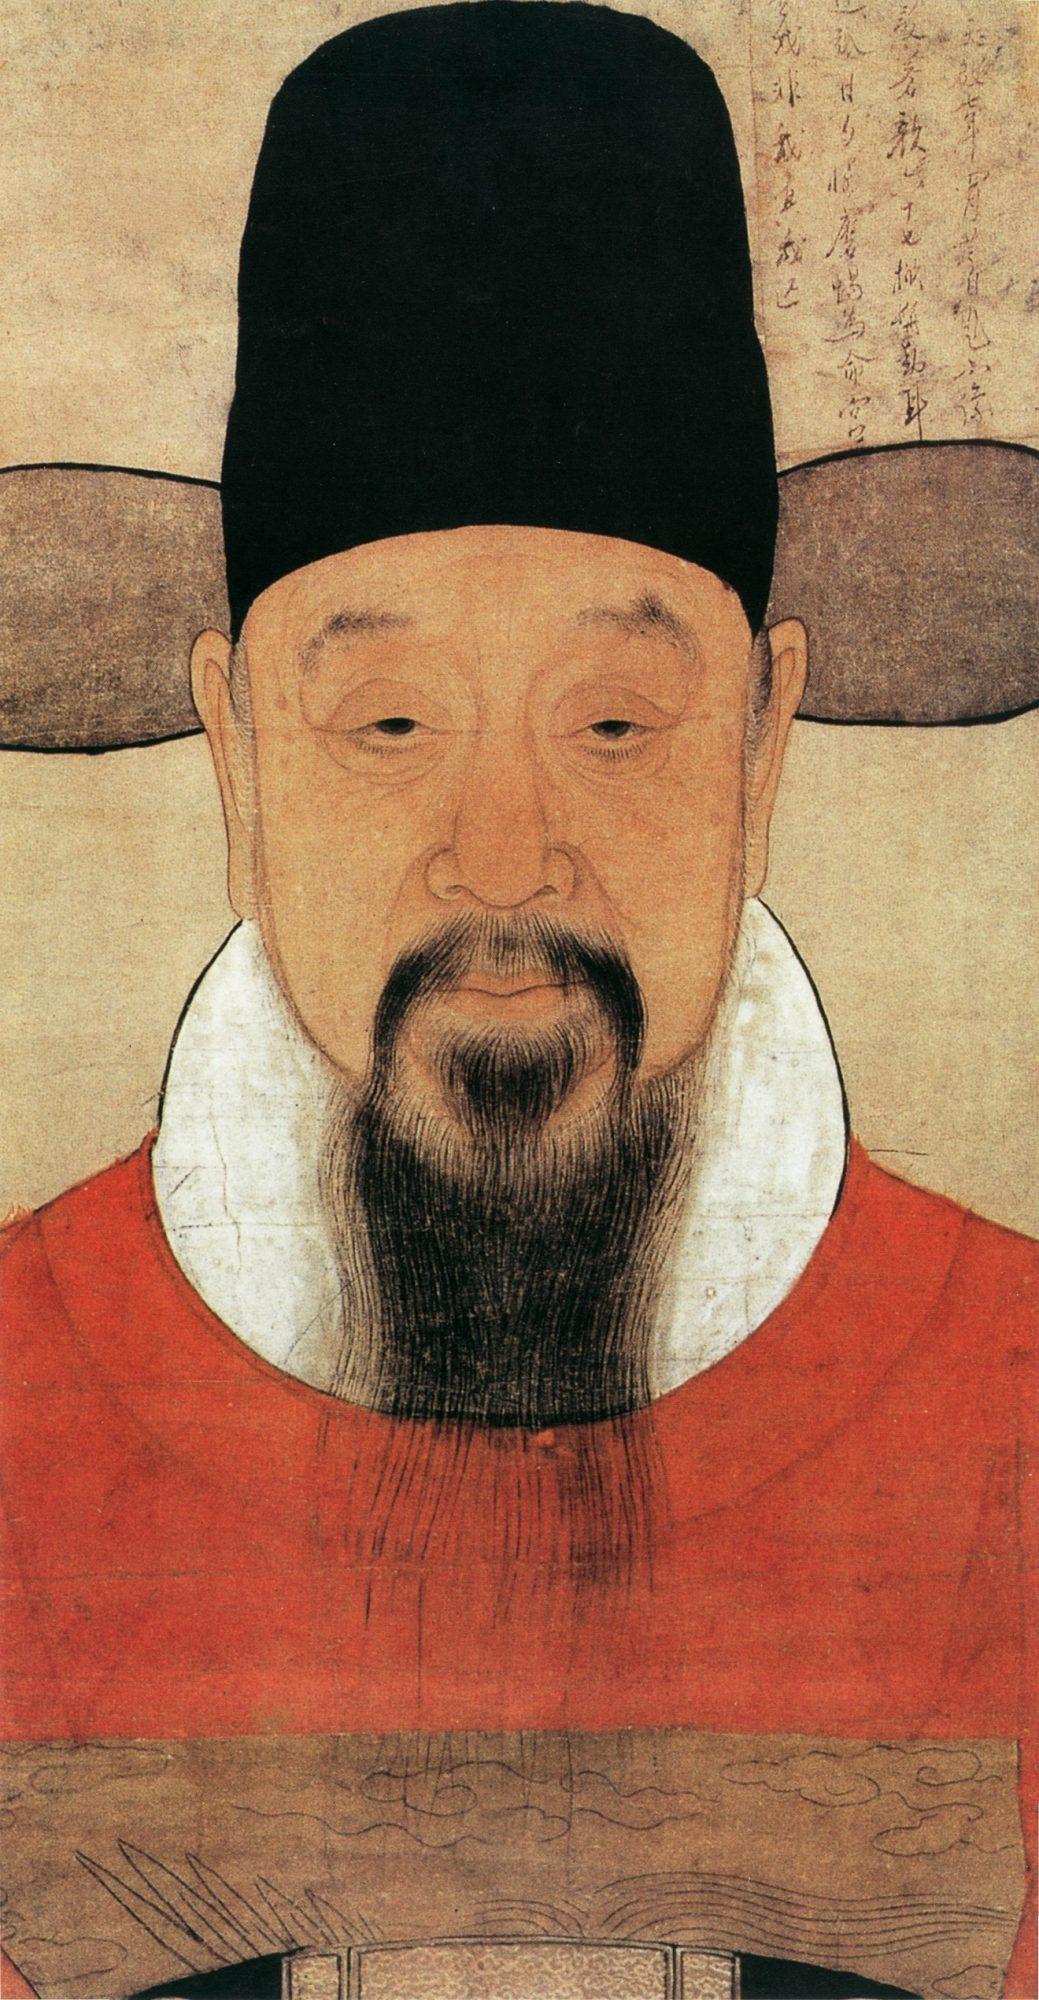 徐光啟 / Xu Guangqi